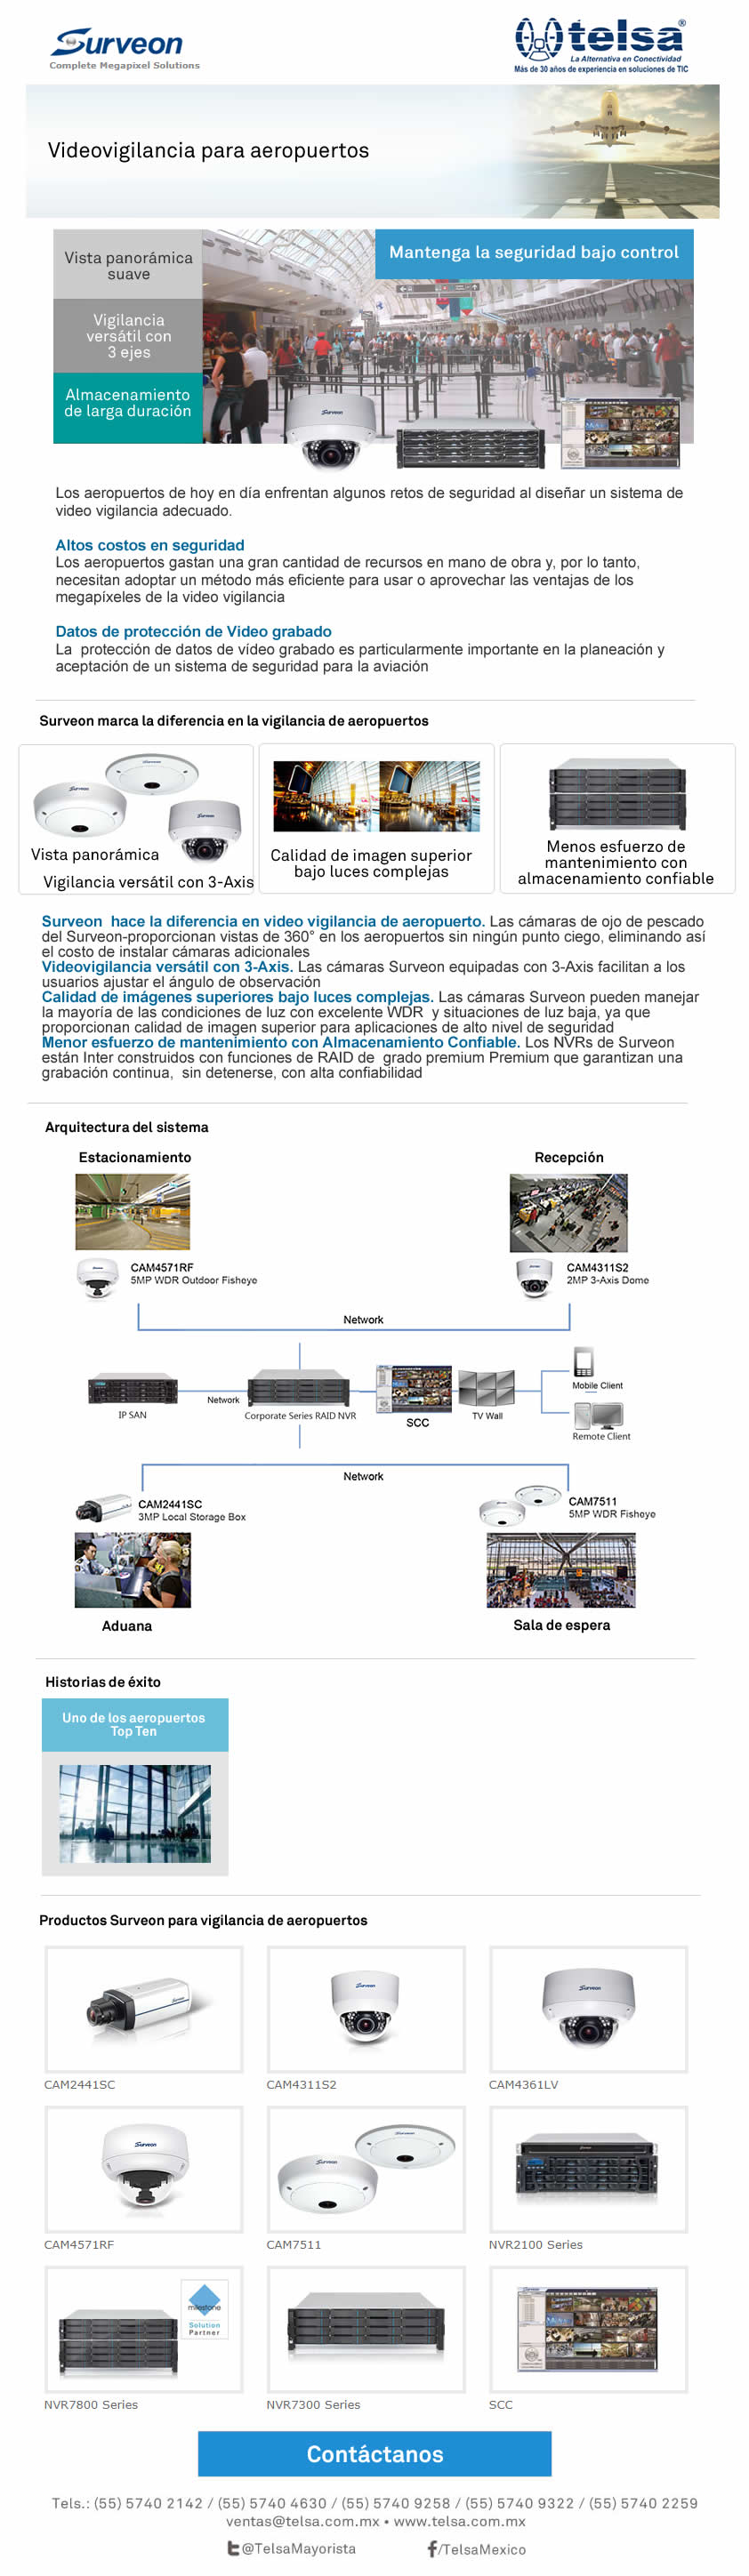 Surveon - Vigilancia para aeropuertos